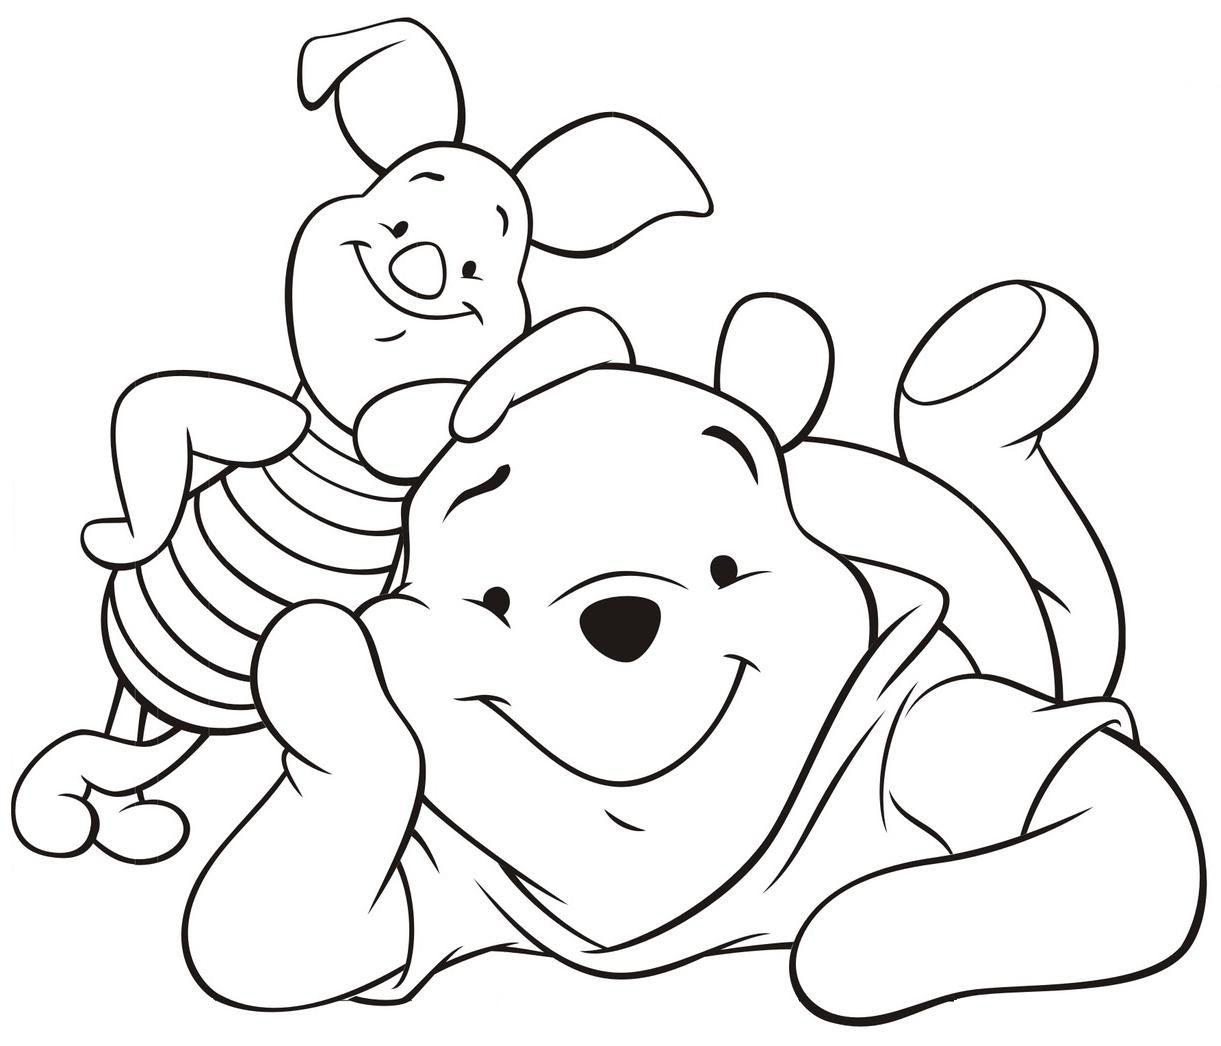 Art Sanalia Riscos Para Pintar Ursinho Pooh Desenhos Para